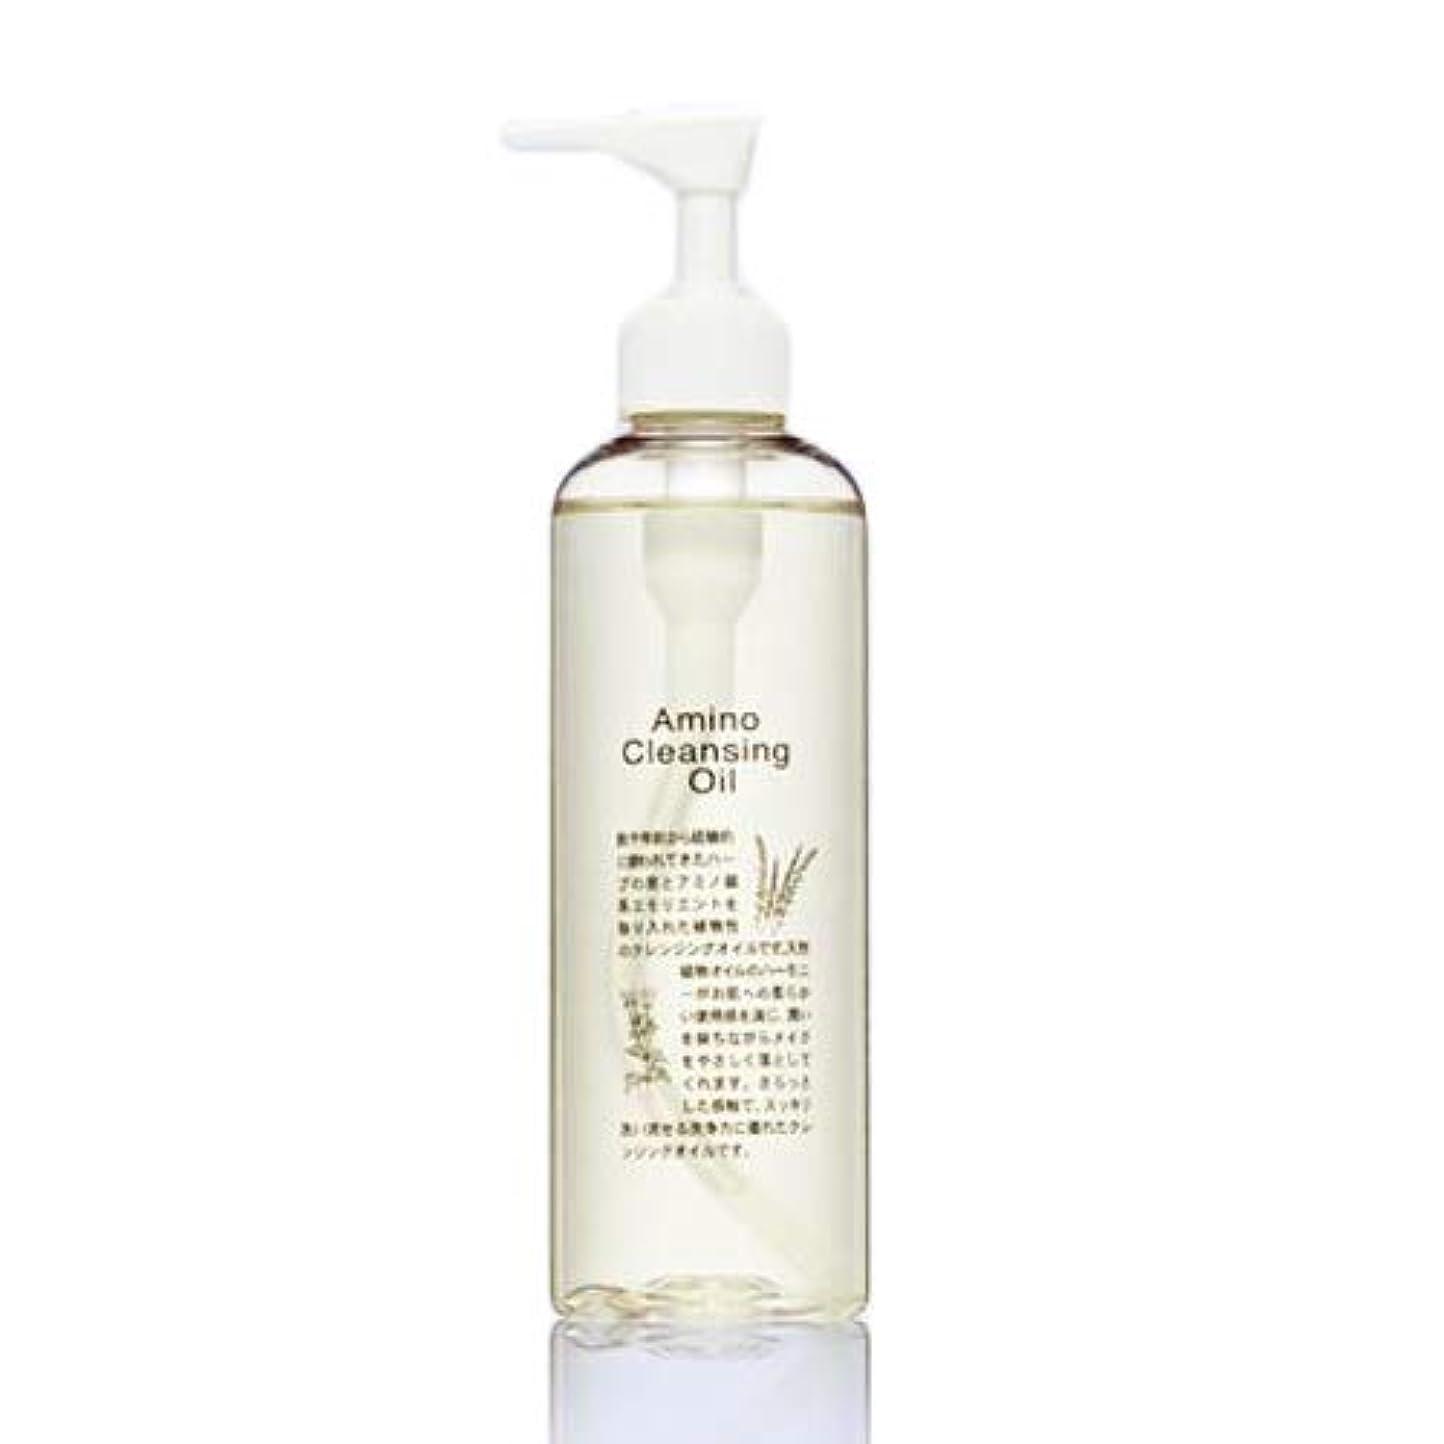 原点チャレンジ危険なエビス化粧品(EBiS) アミノクレンジングオイル クレンジング